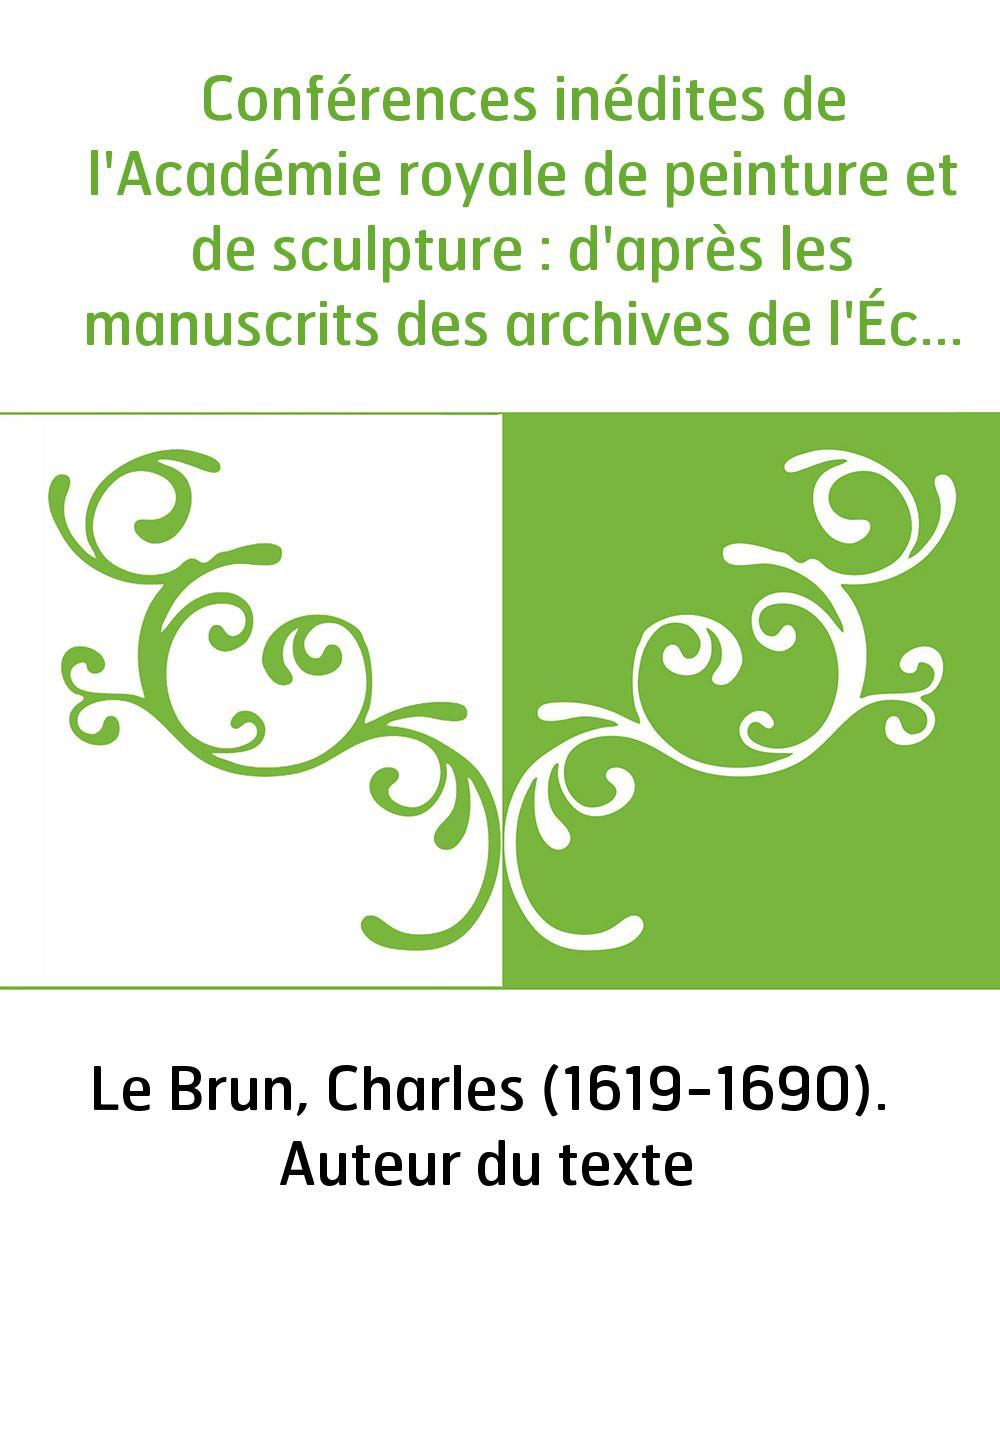 Conférences inédites de l'Académie royale de peinture et de sculpture : d'après les manuscrits des archives de l'École des beaux